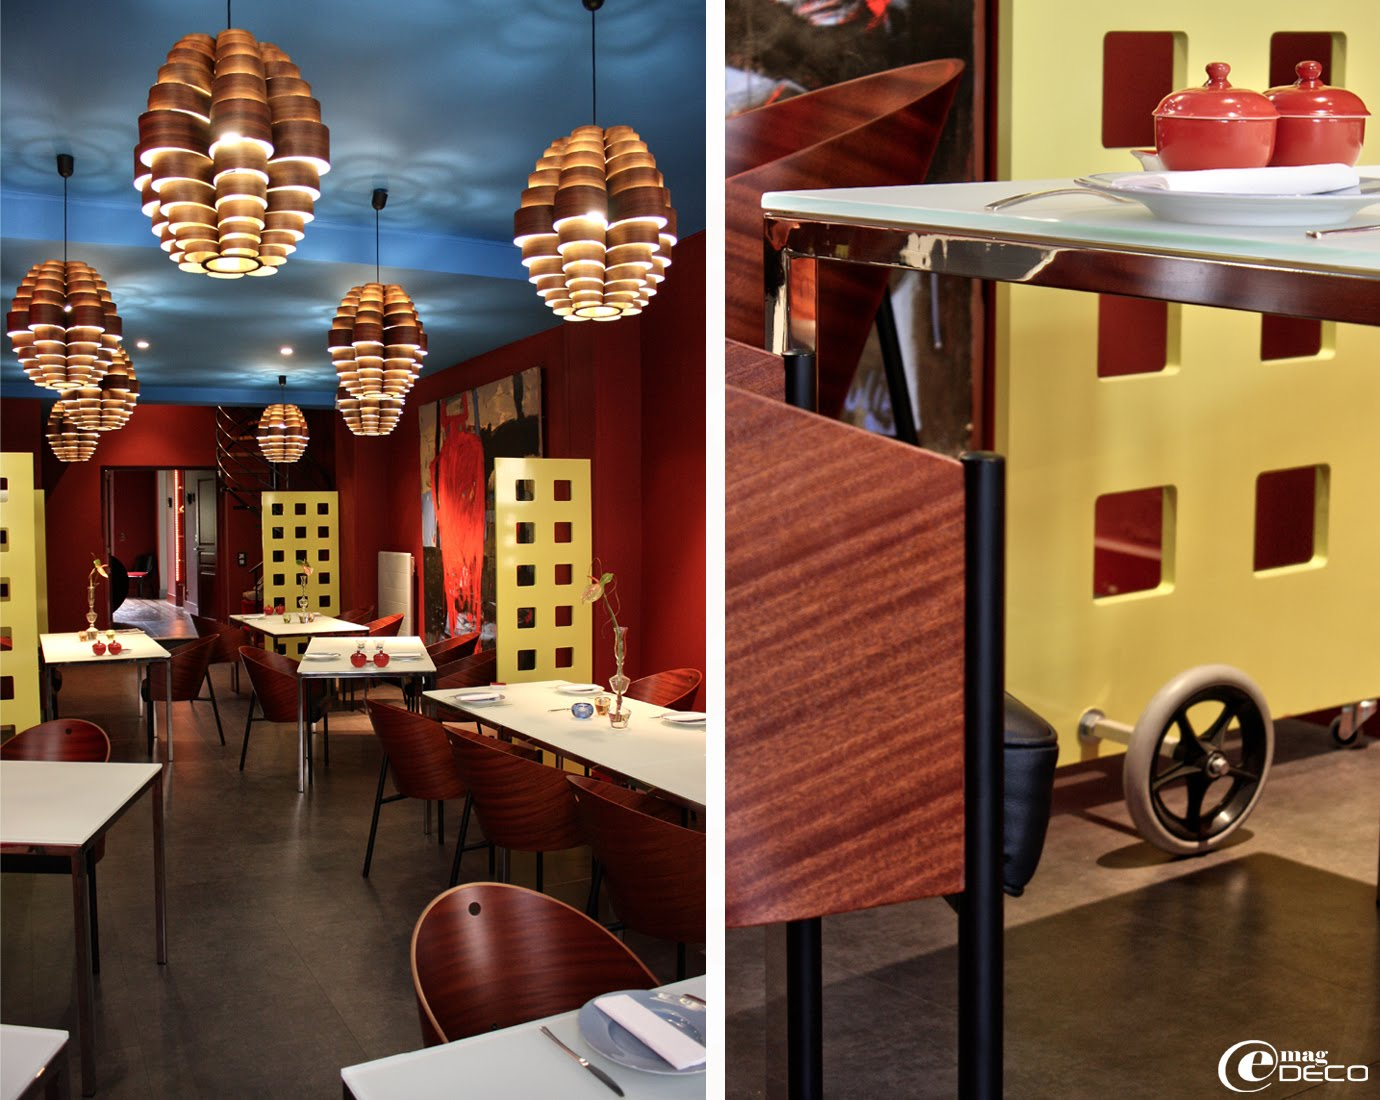 Salle de restaurant de l'hôtel La Maison Bord'Eaux